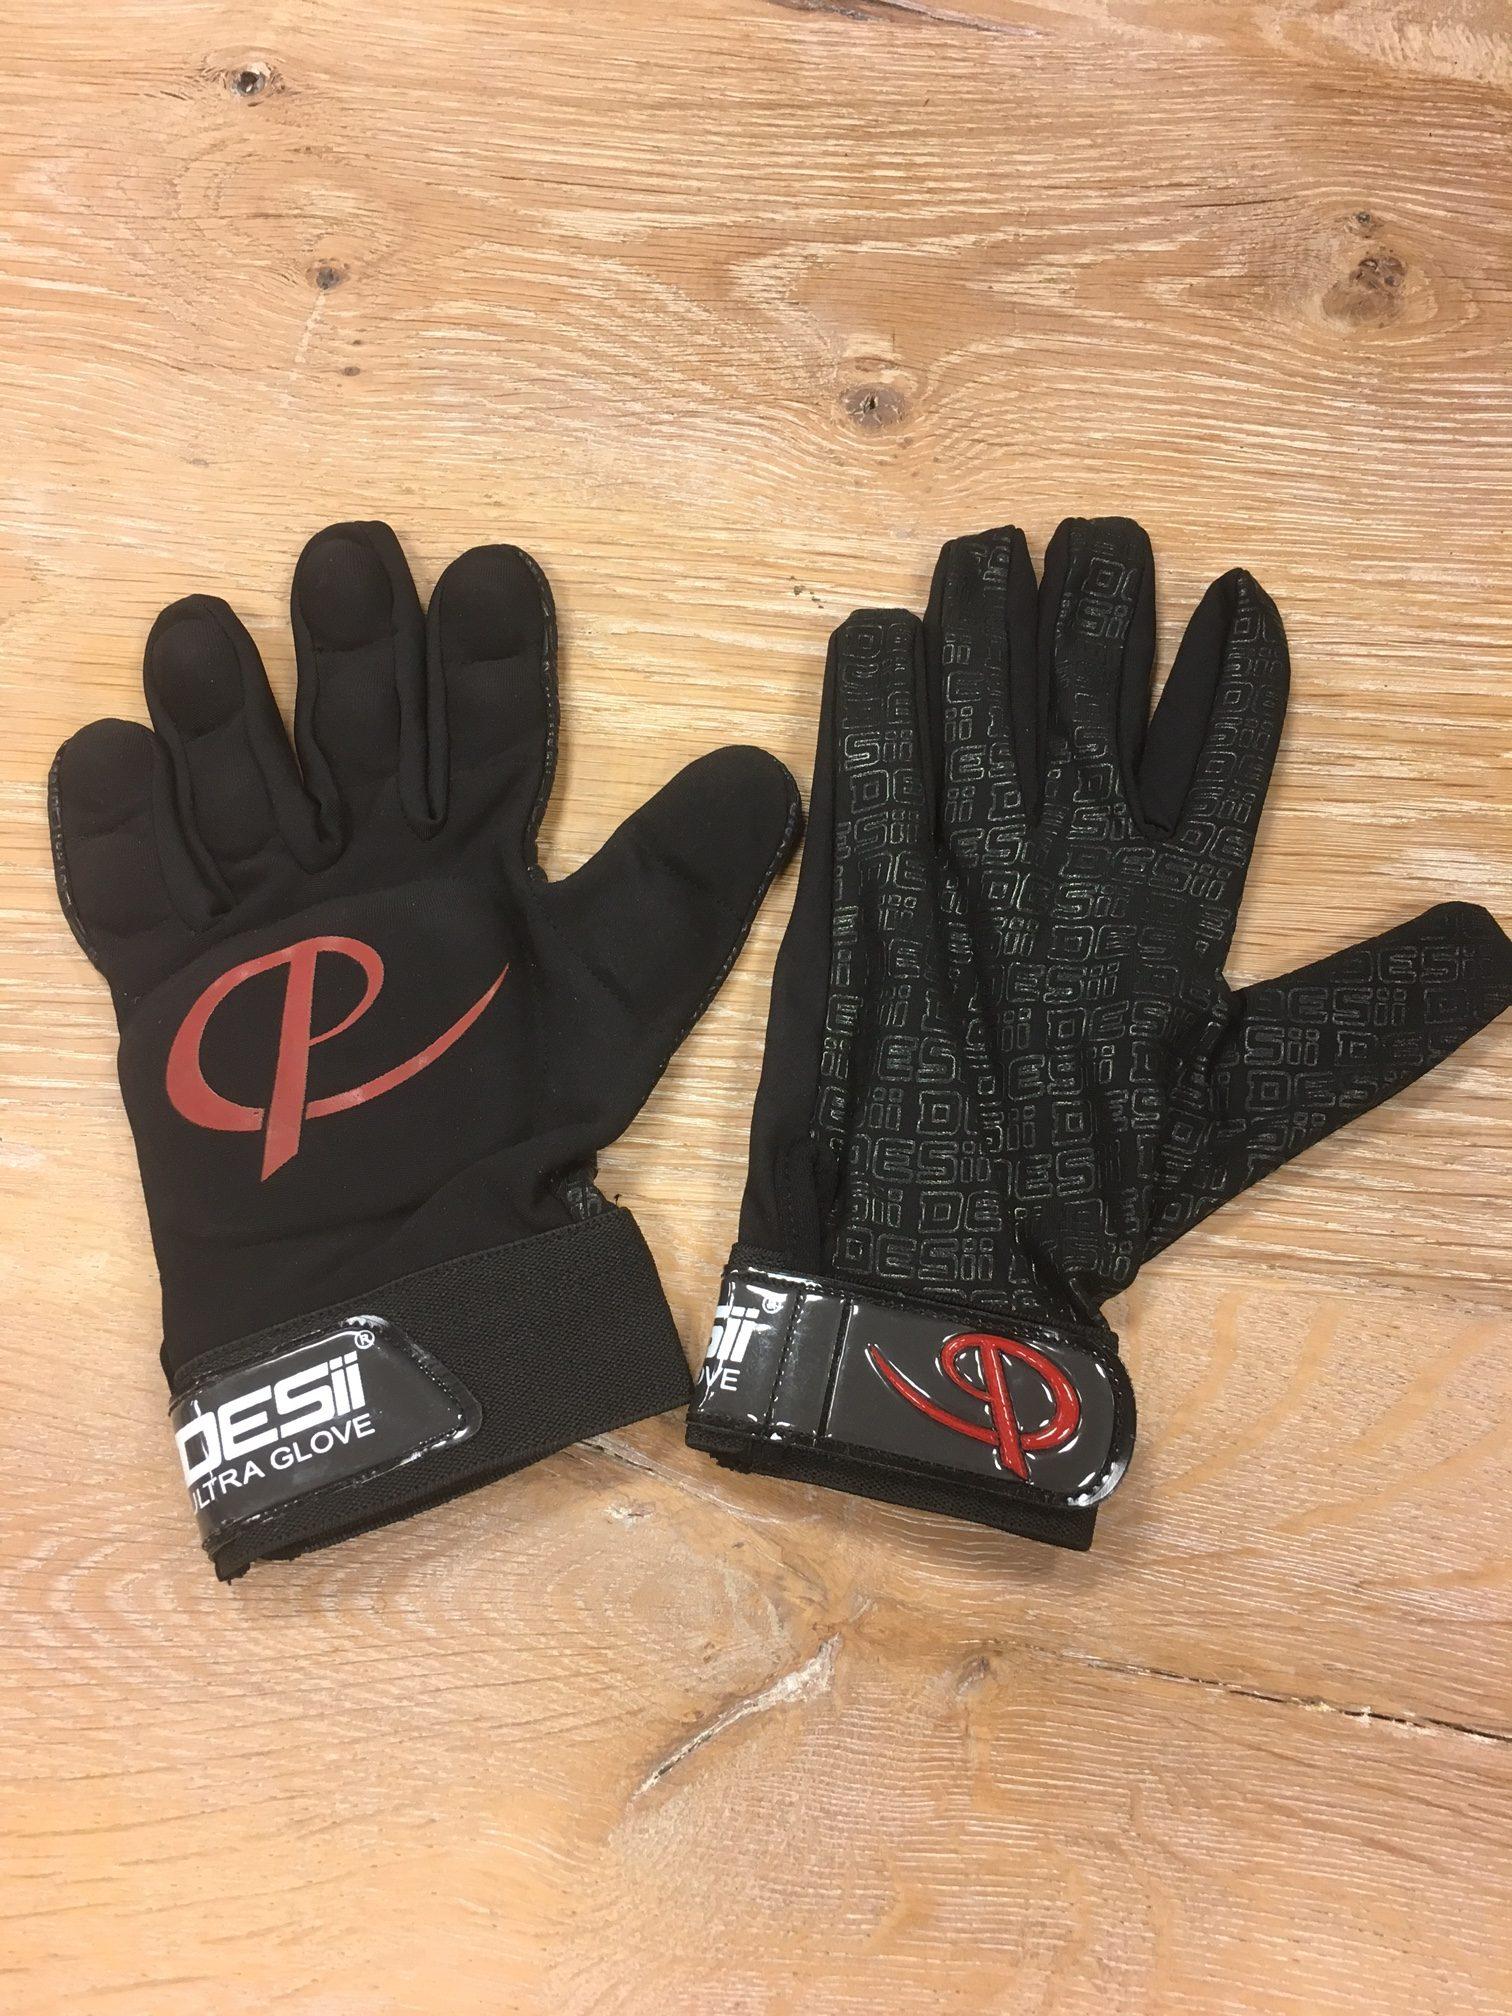 Desii thermo hockey handschoen met bescherming